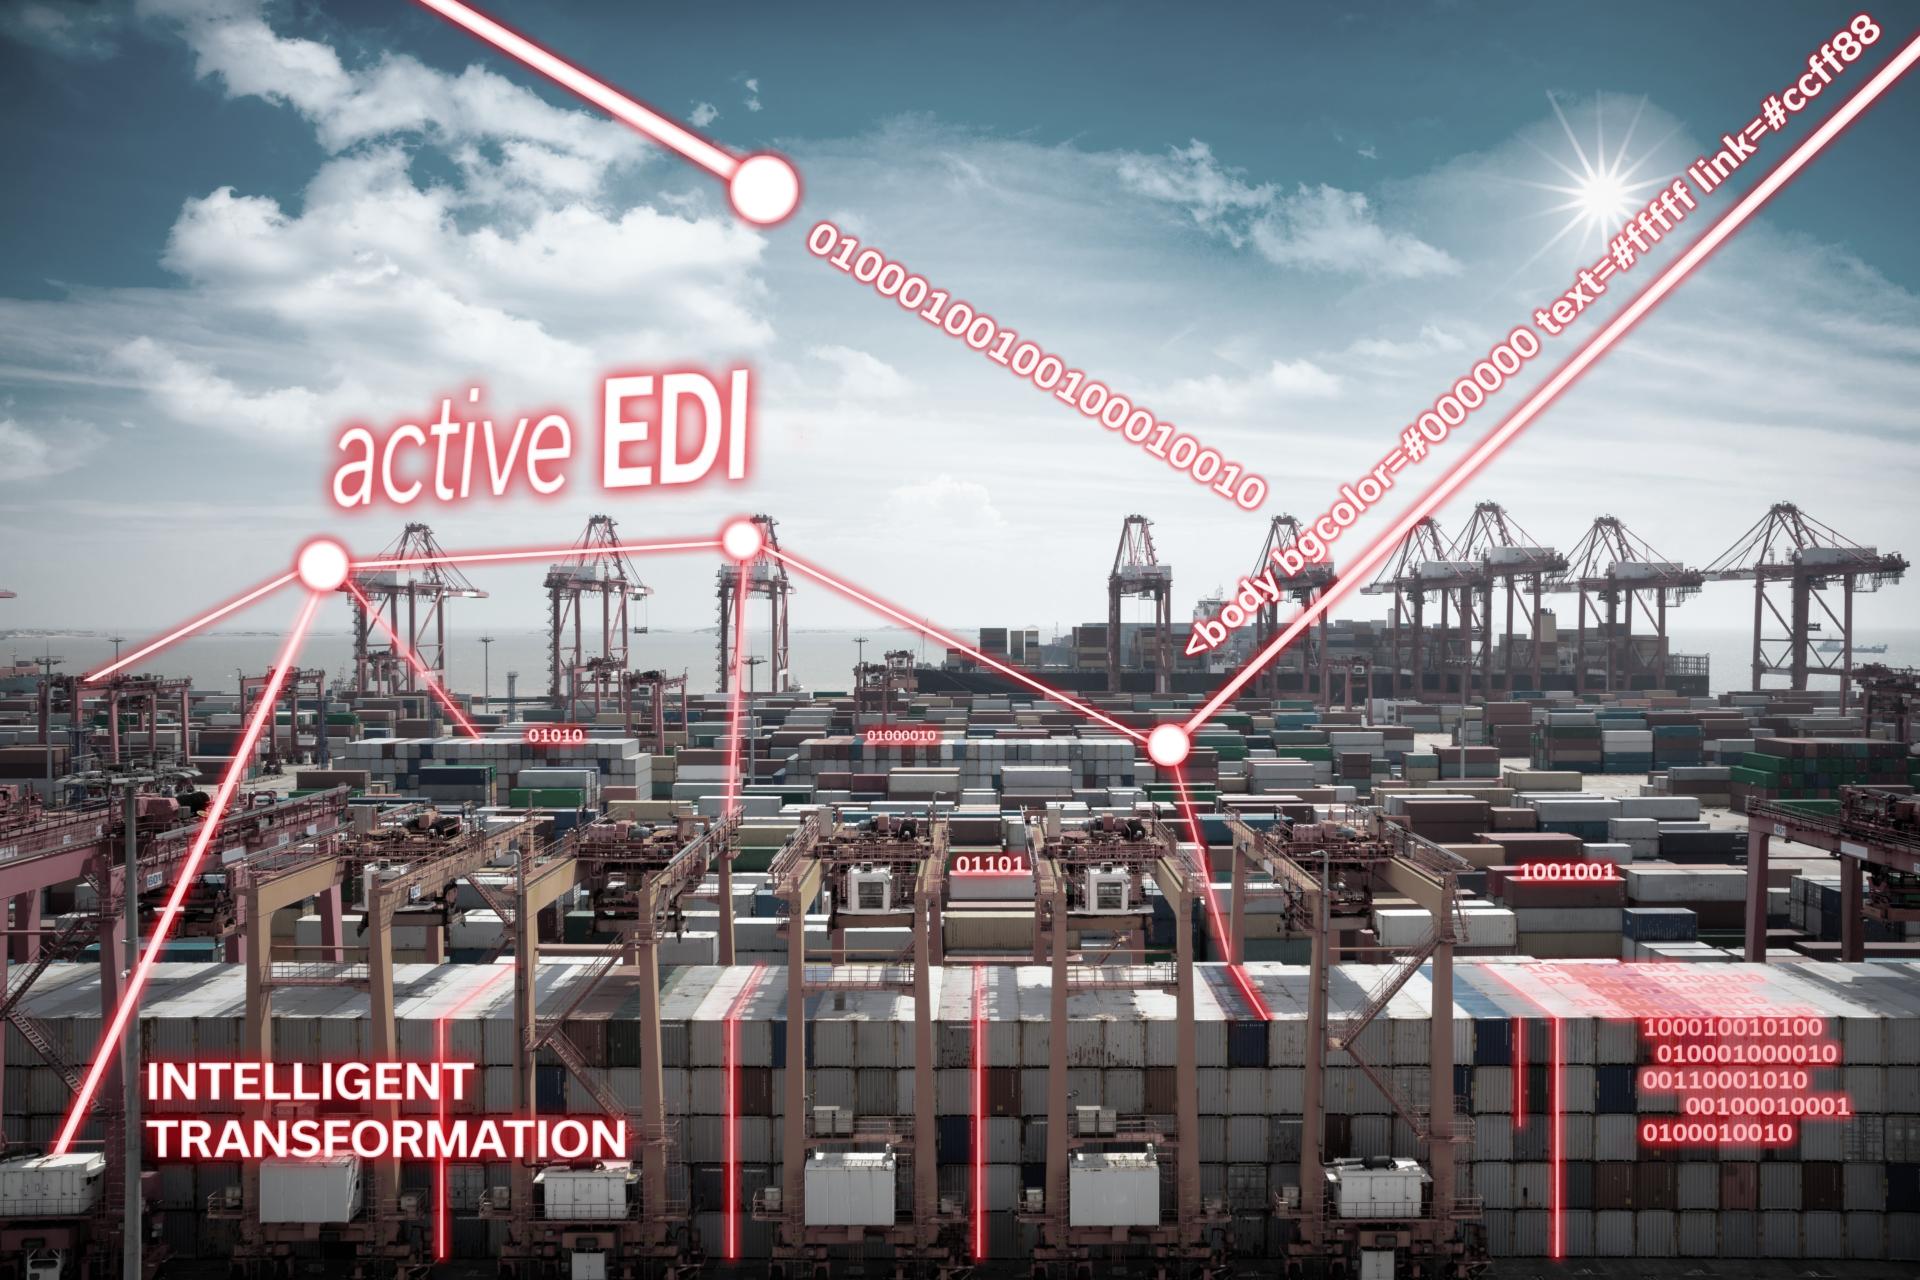 Die active cloud aus der active logistics. Mit 25 Jahren IT-Erfahrung sind wir heute und in der Zukunft der Digitalisierungsexperte in der Supply Chain.